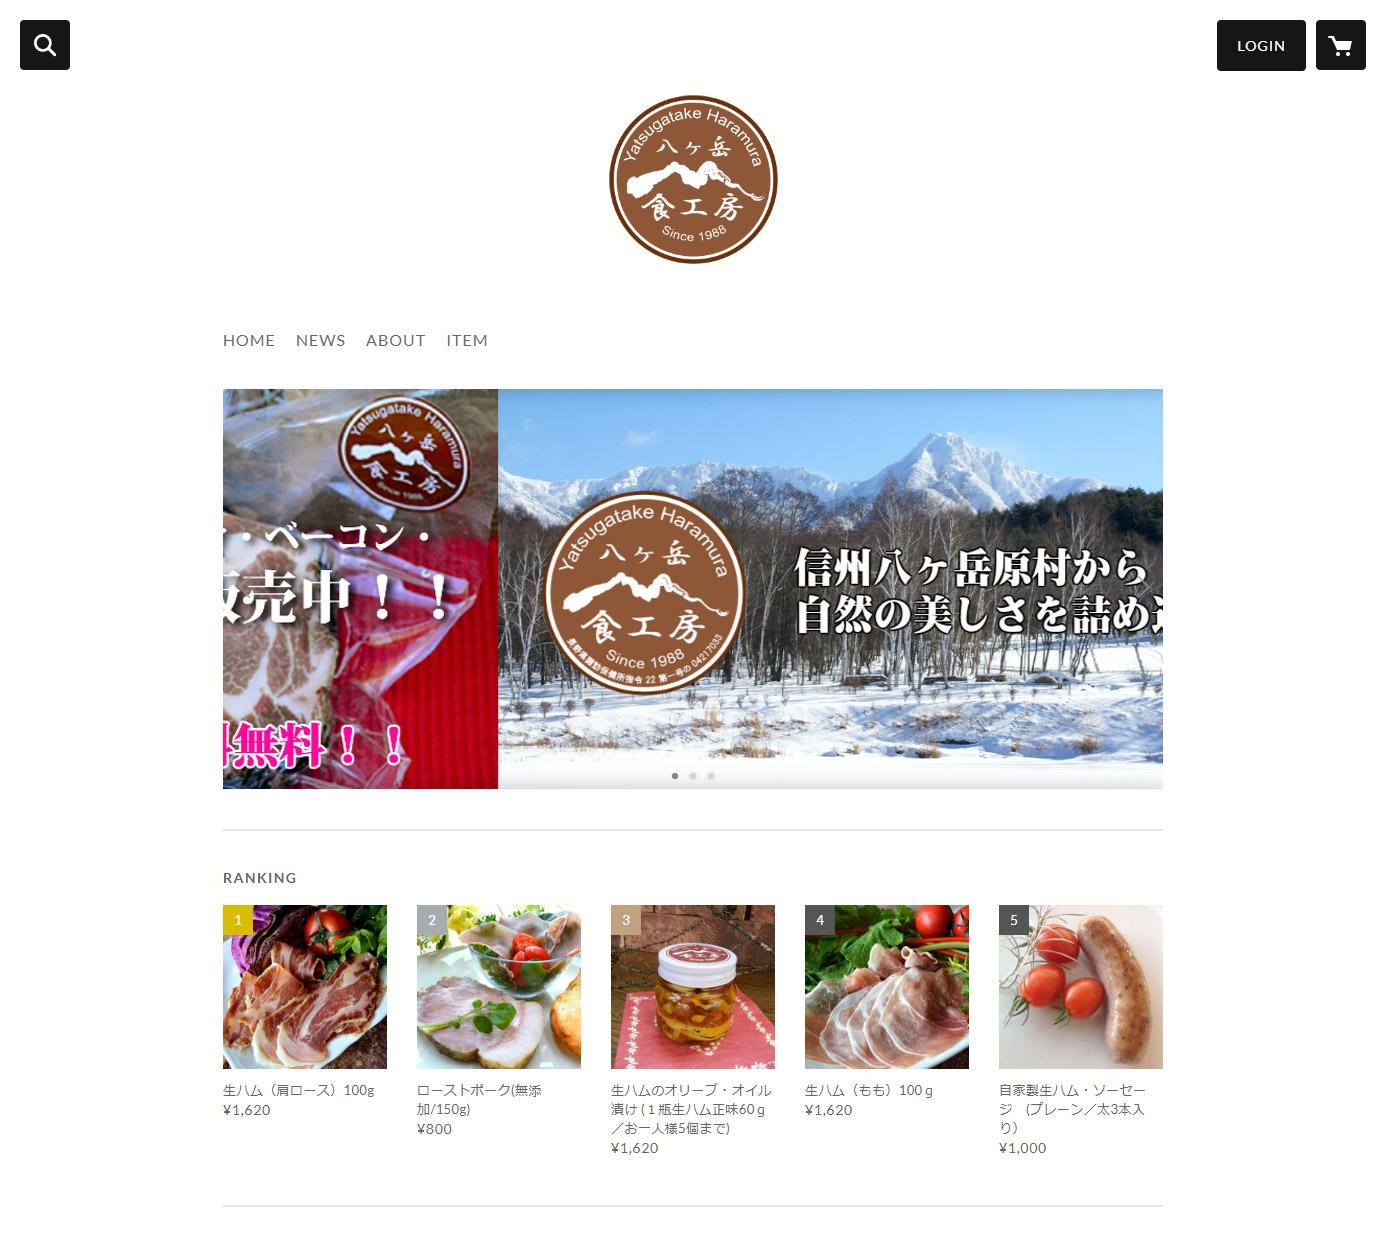 八ヶ岳食工房 ショッピングサイトのページイメージ